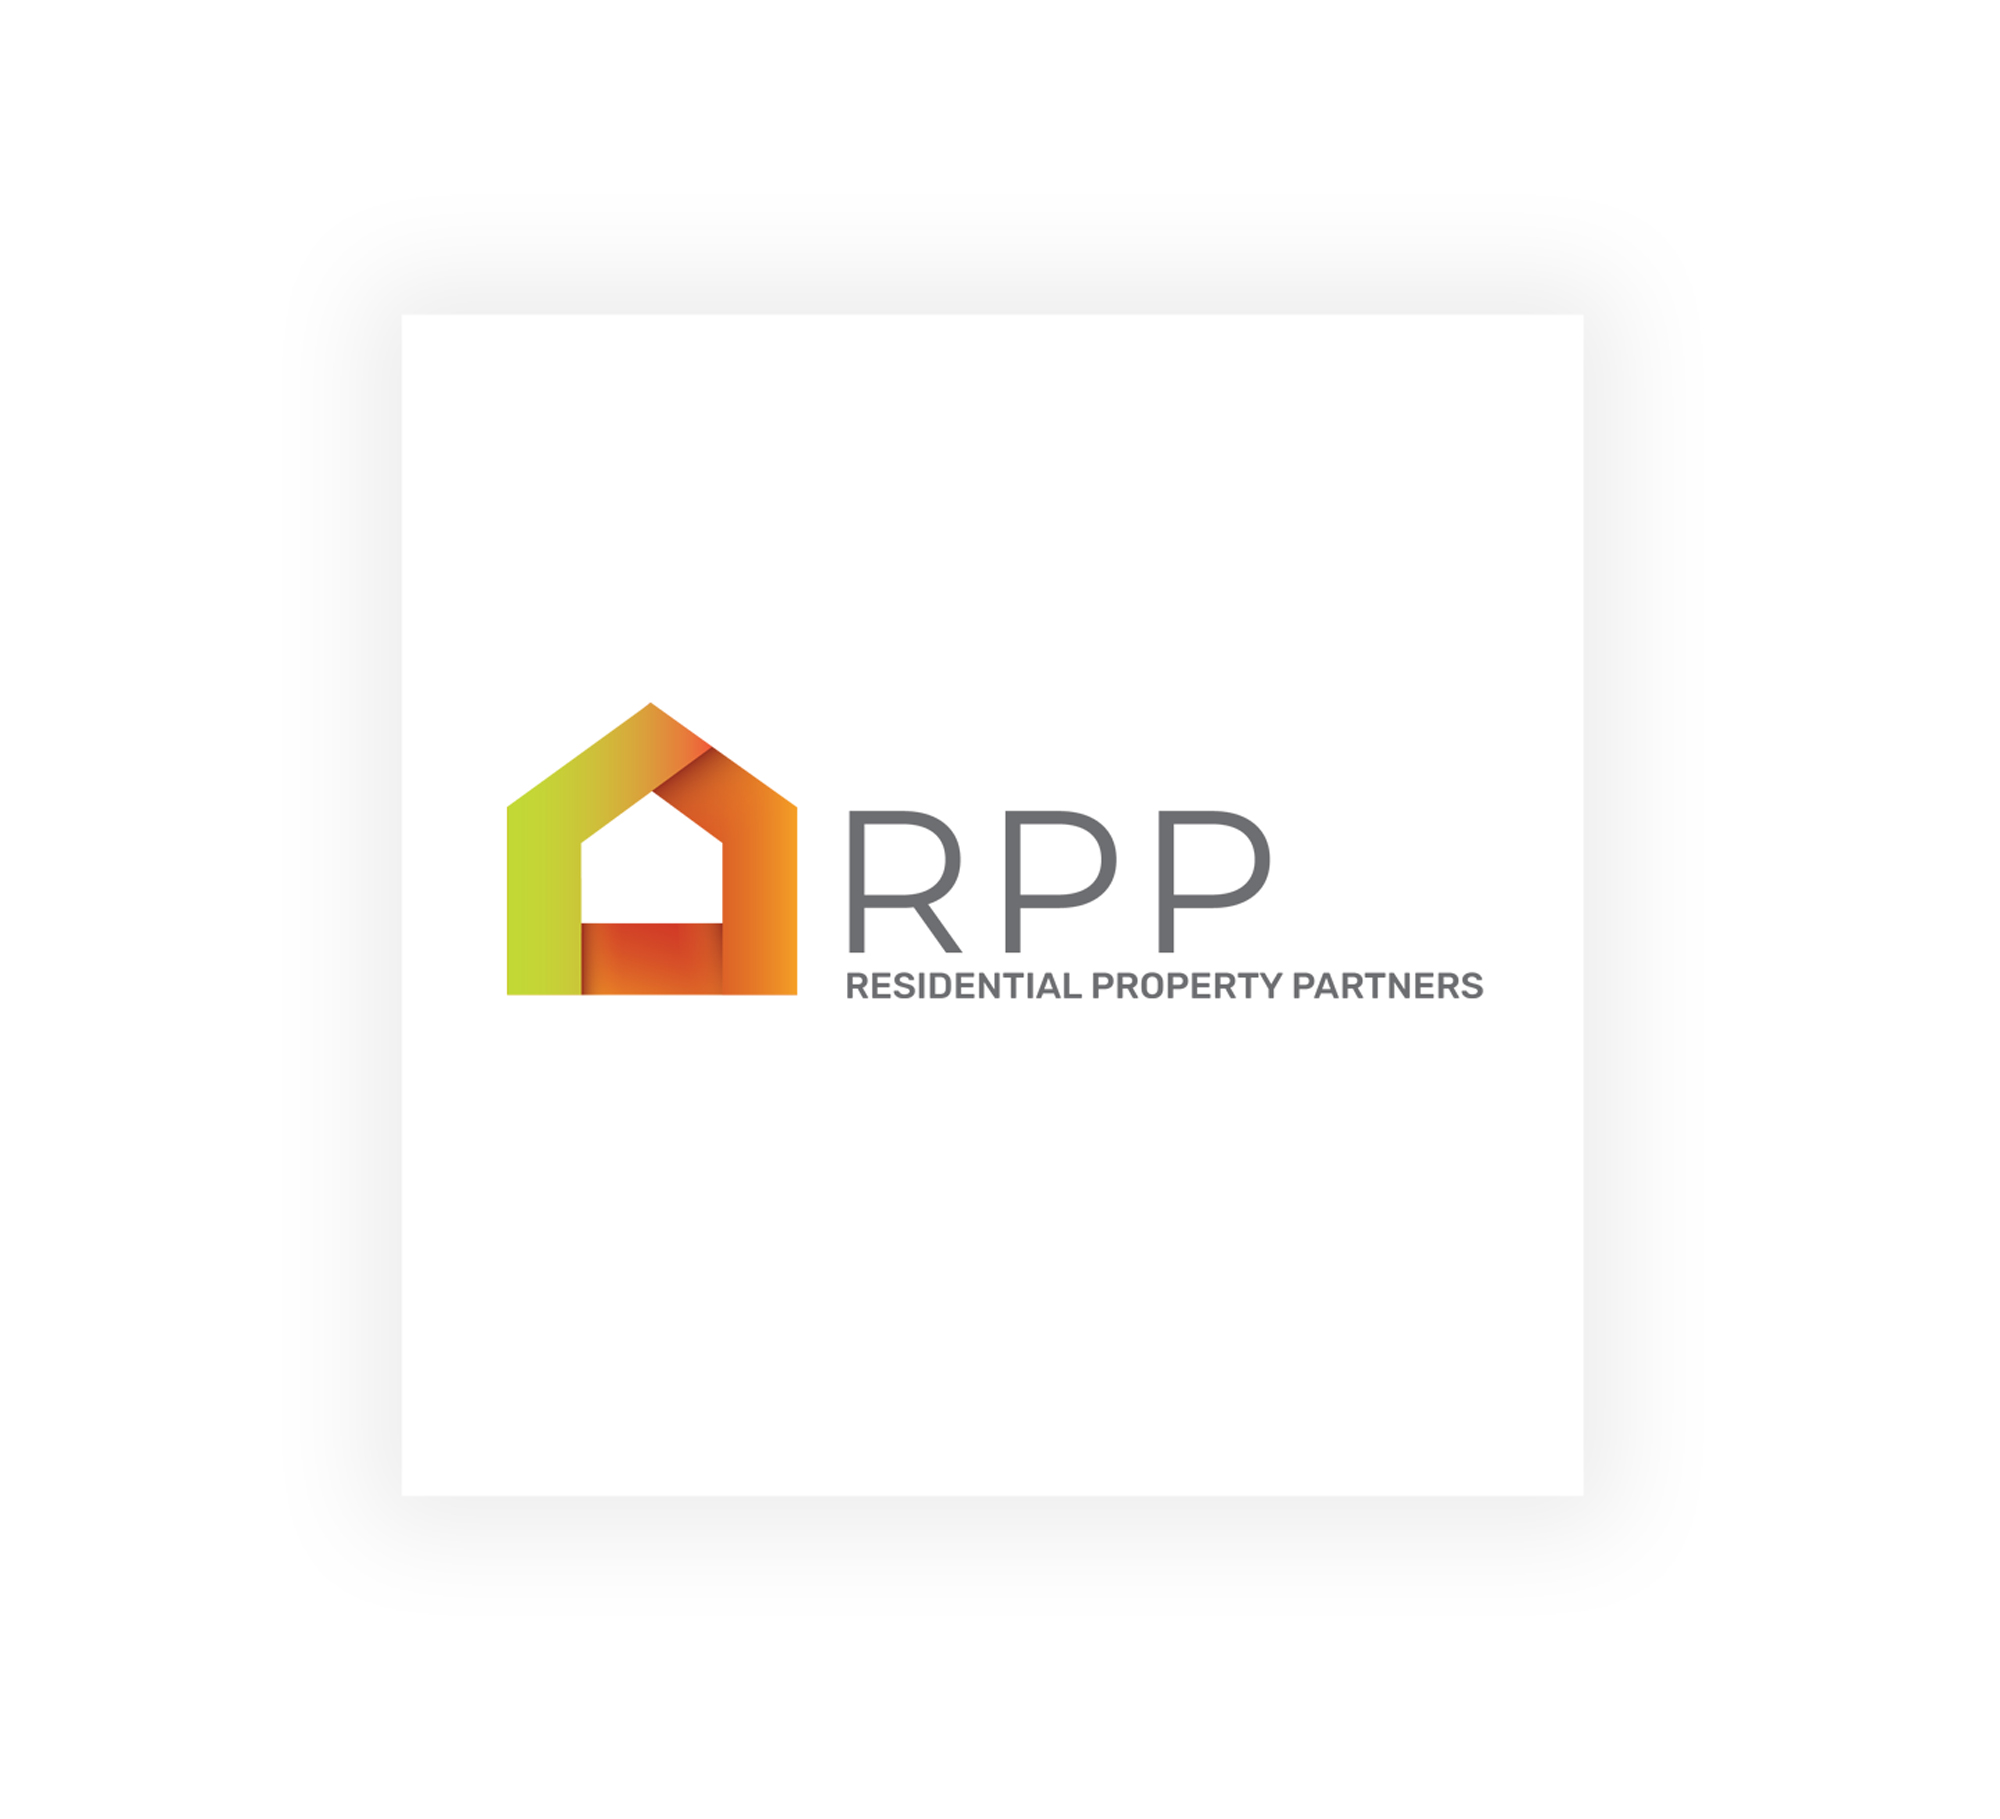 rrp_1